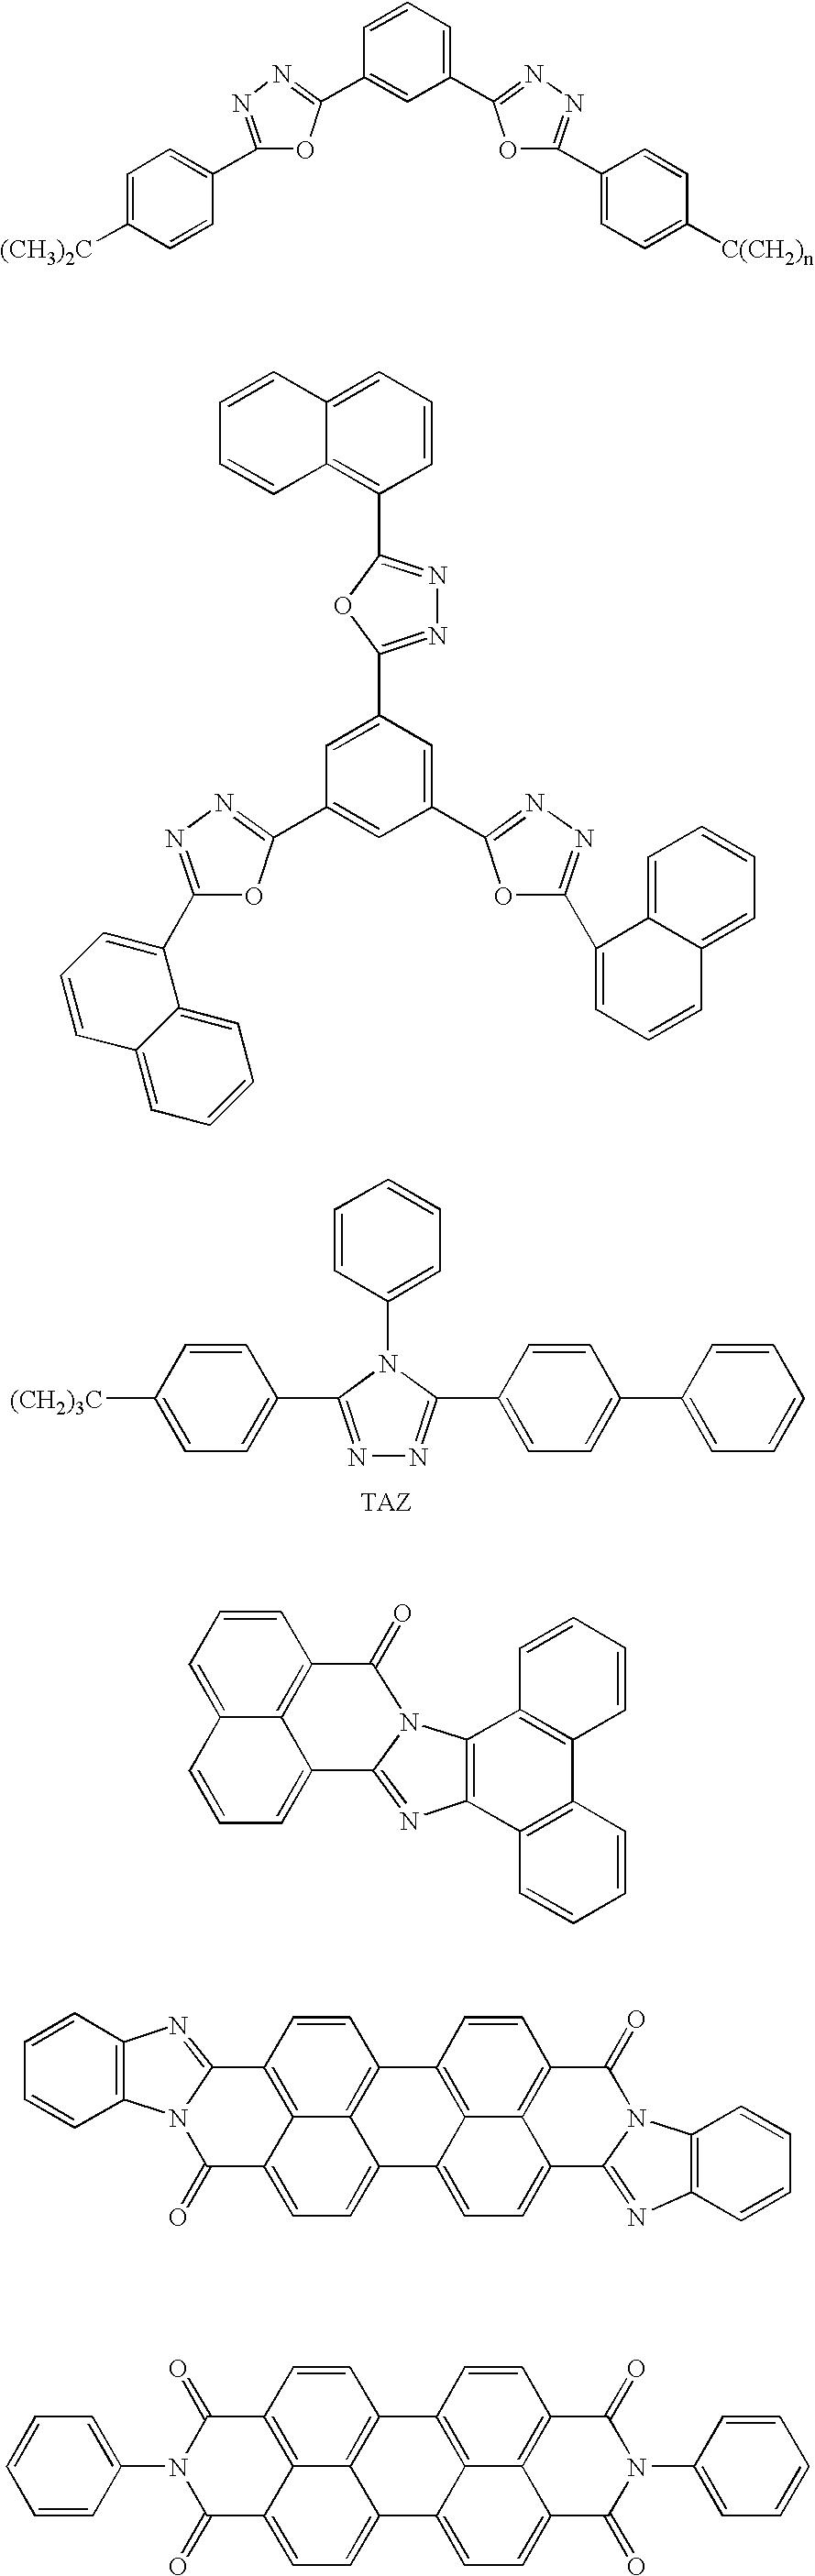 Figure US20070252141A1-20071101-C00018